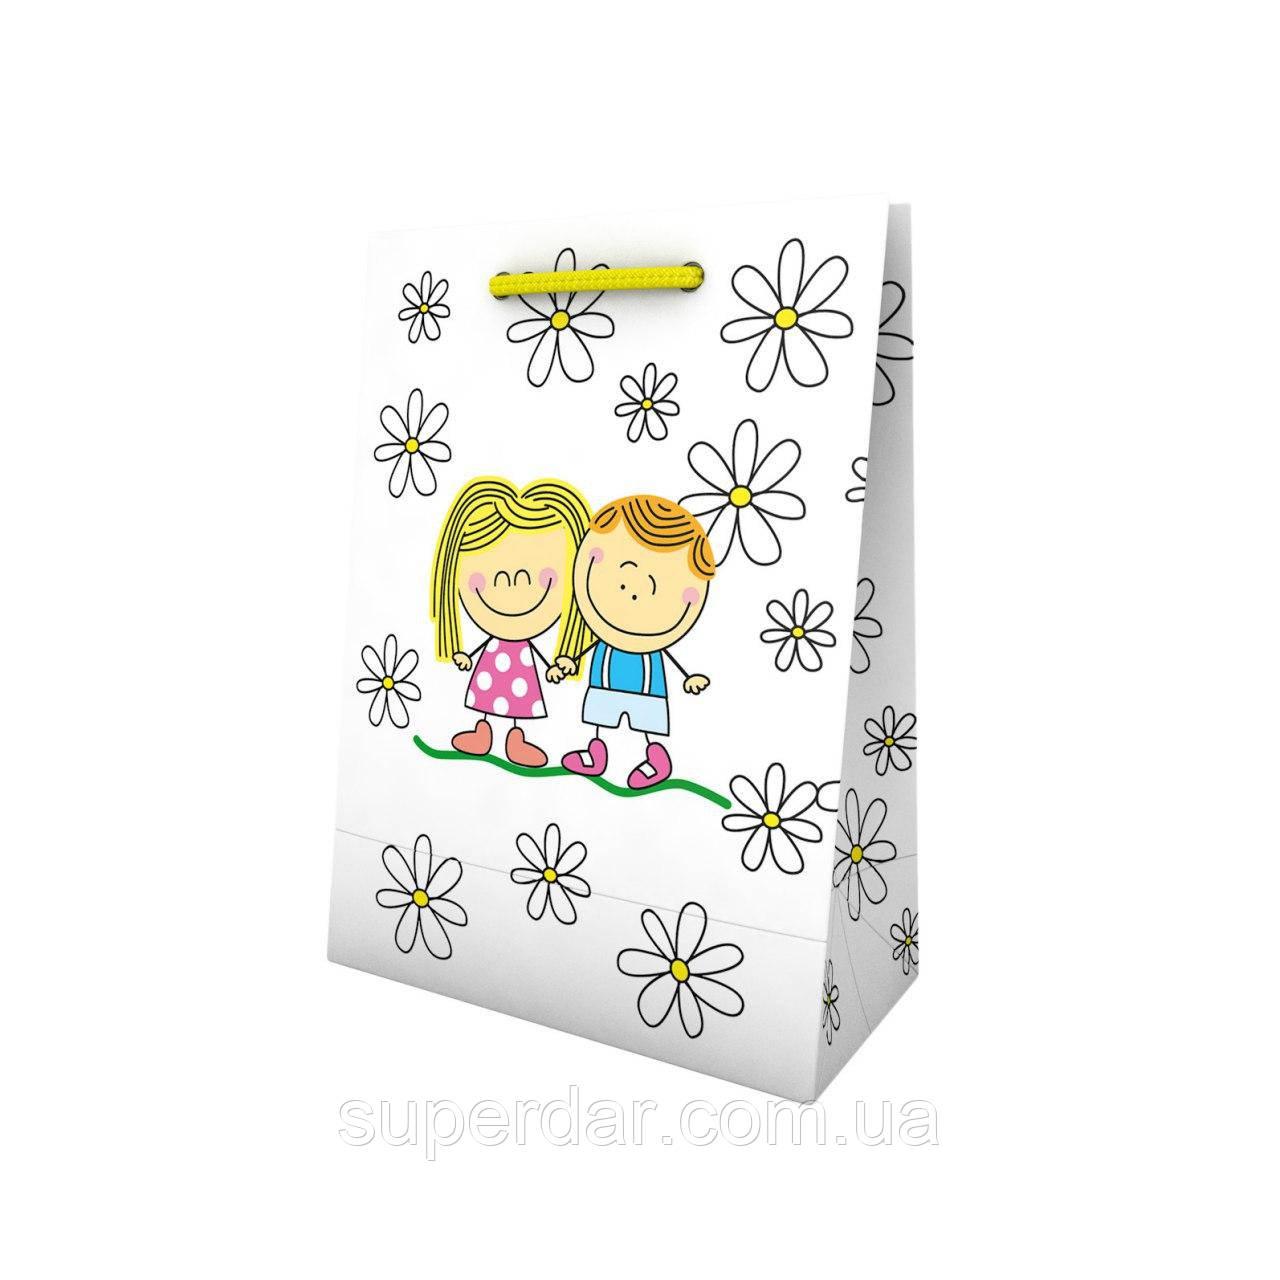 НОВЫЕ летние расцветки пакетов в наличии!